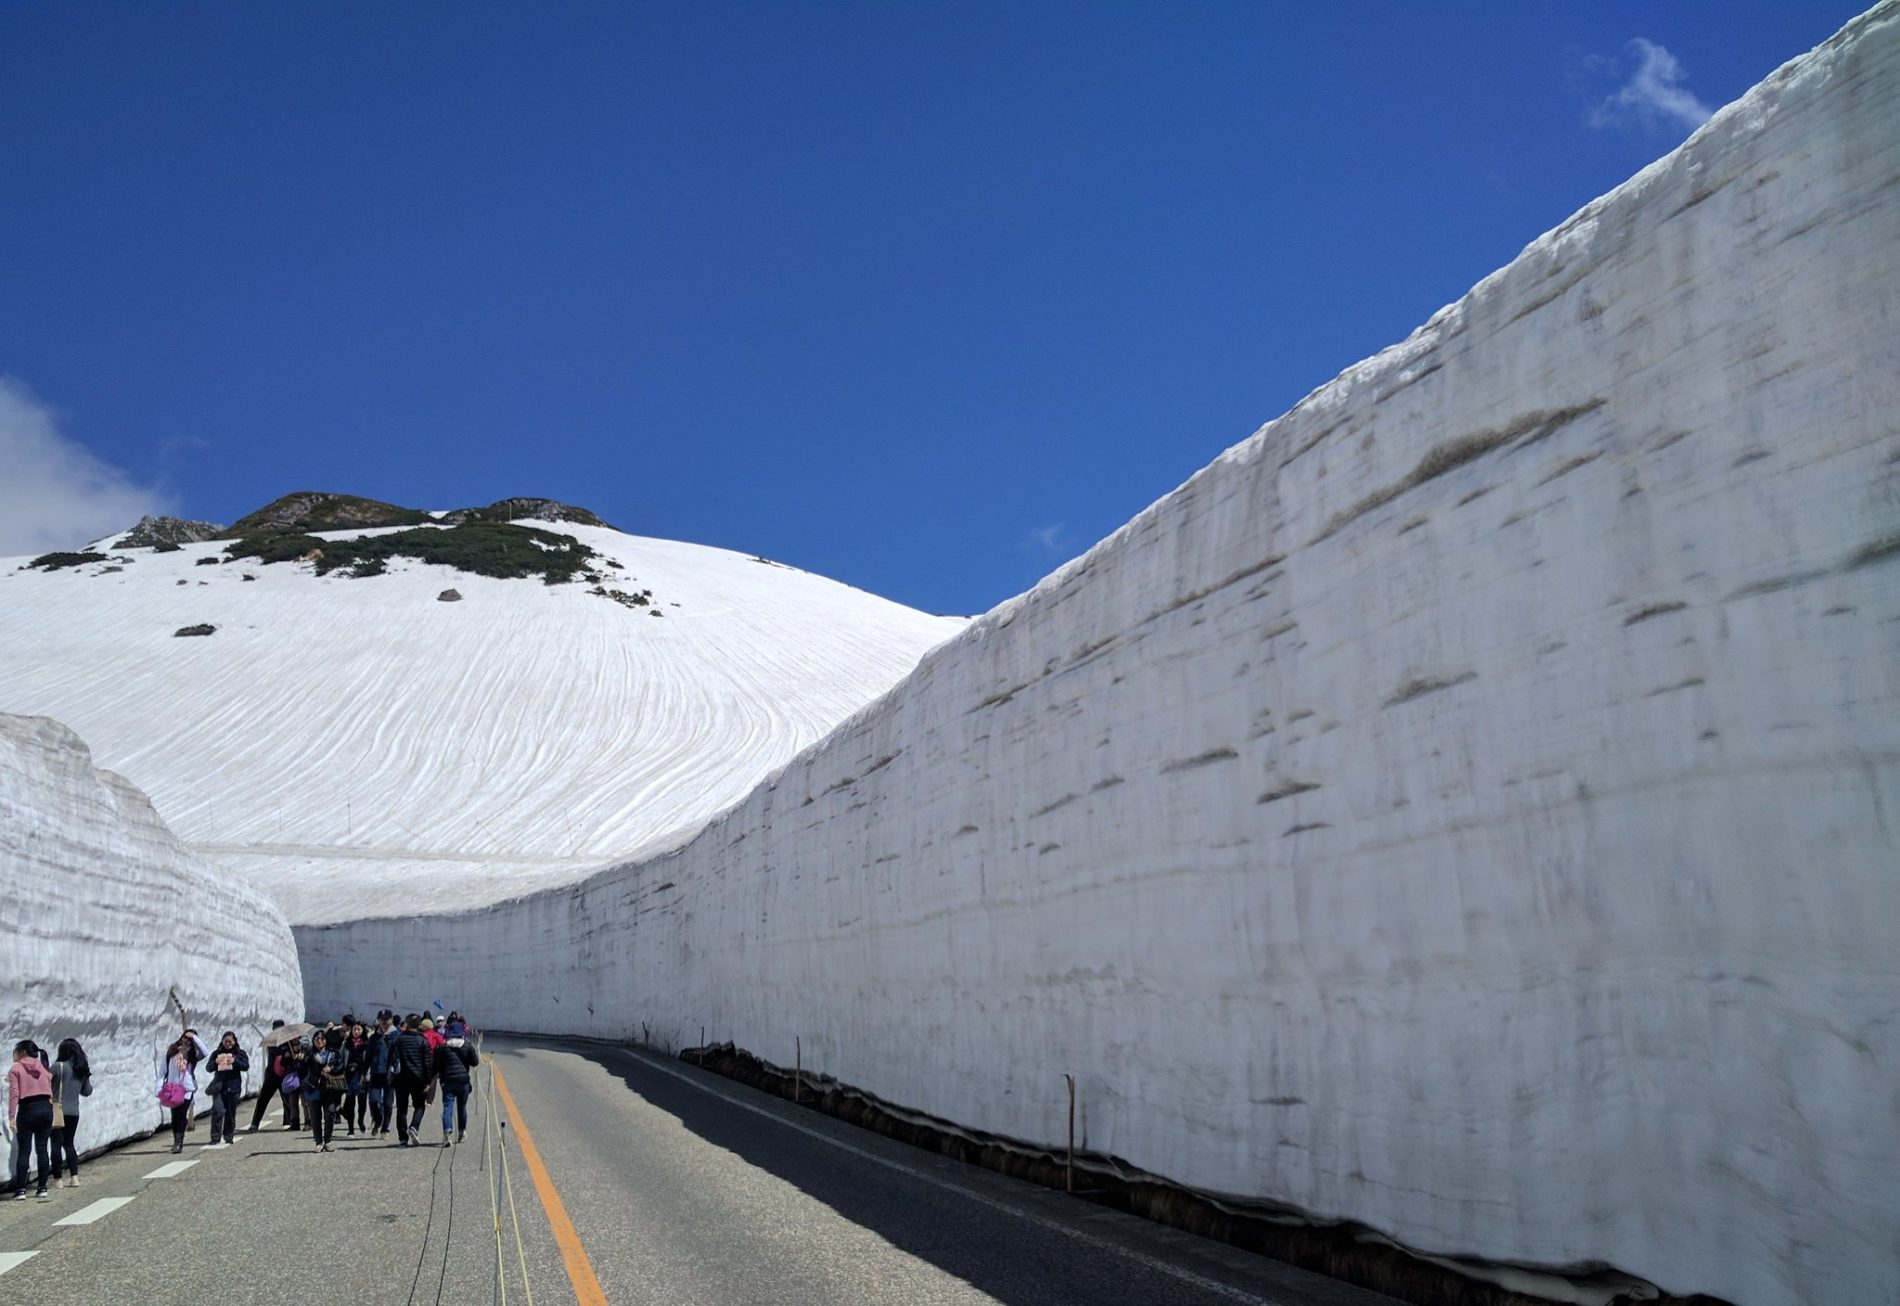 Bis zu 20 Meter in die Höhe türmen sich jedes Jahr die Schneemassen entlang der Tateyama-Kurobe-Alpine-Route jedes Jahr im Winter und Frühling. (Foto: Ankur P auf Flickr https://www.flickr.com/photos/ankurp/36488017776)